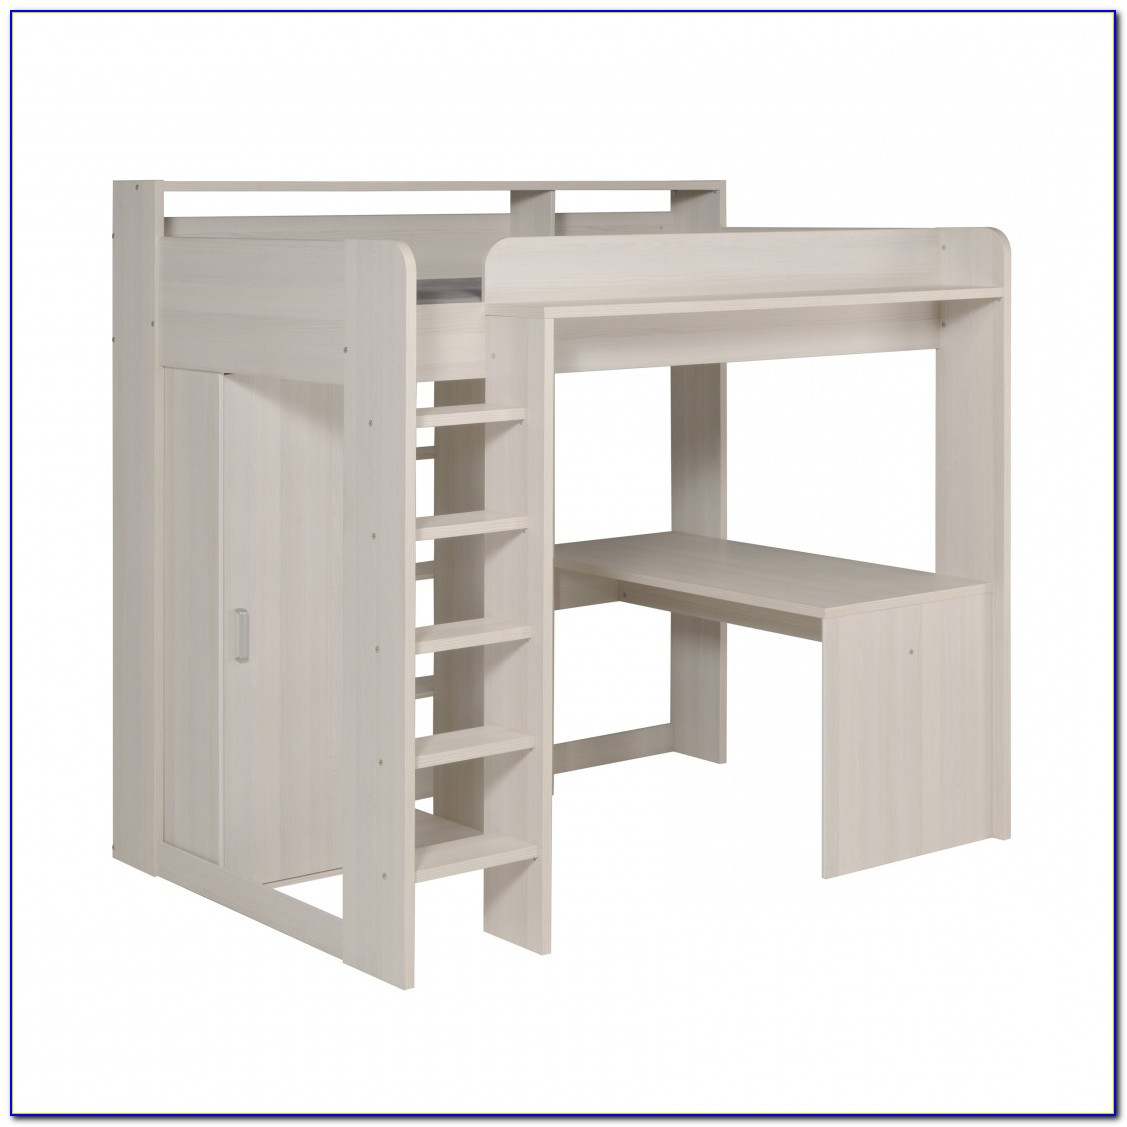 Kinderhochbett Mit Schreibtisch  Kinderhochbett Mit Schreibtisch Und Schrank Ikea Download